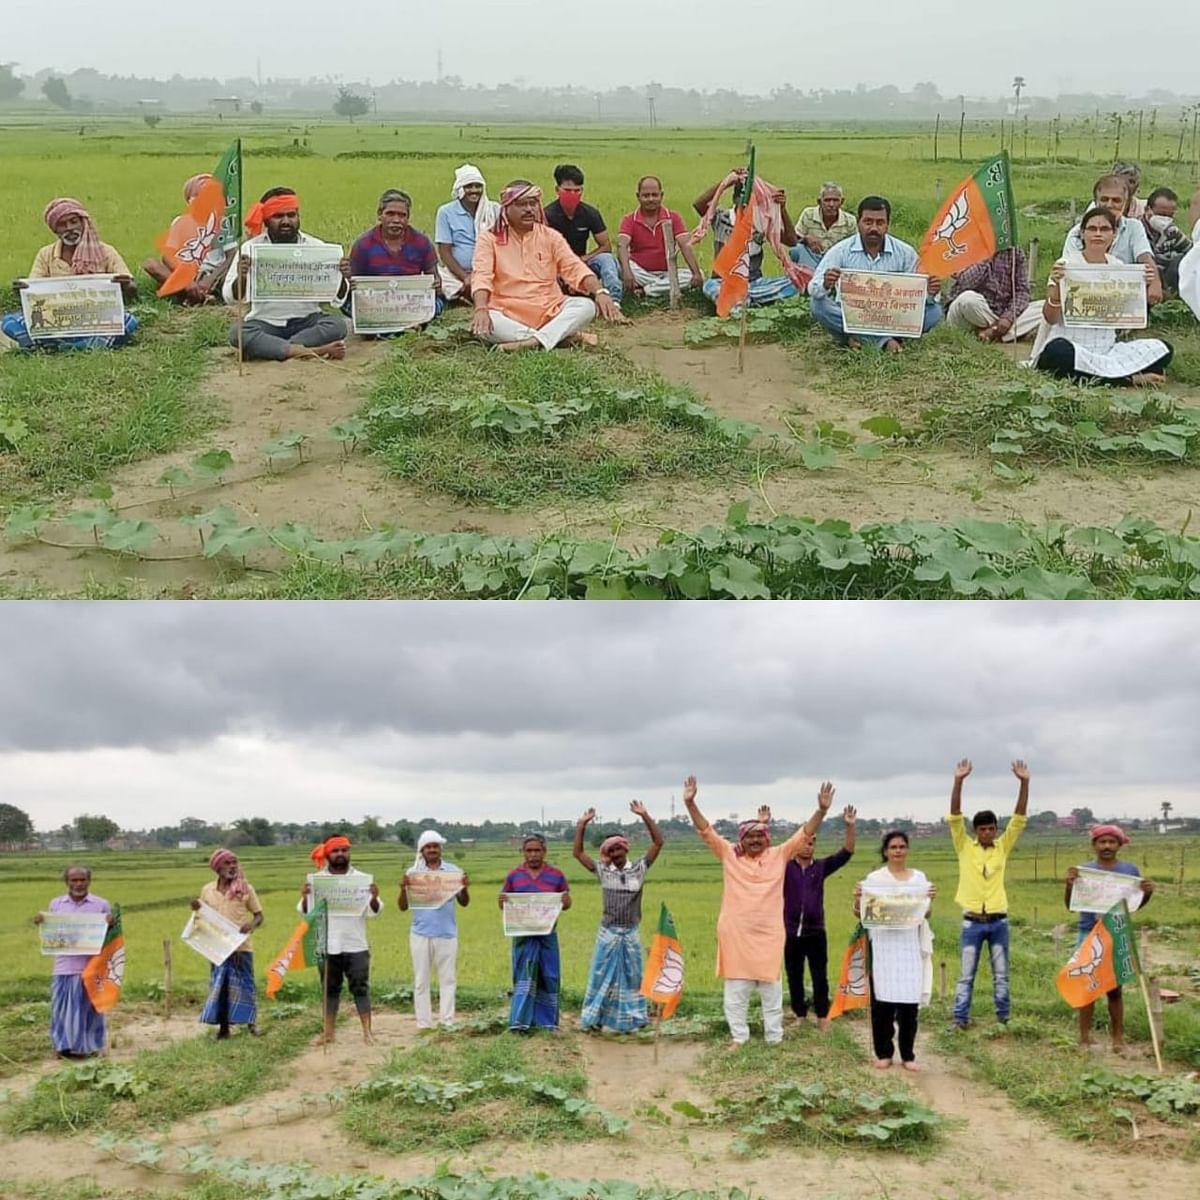 किसानों के हितों में भाजपाइयों ने दिया खेतों में धरना